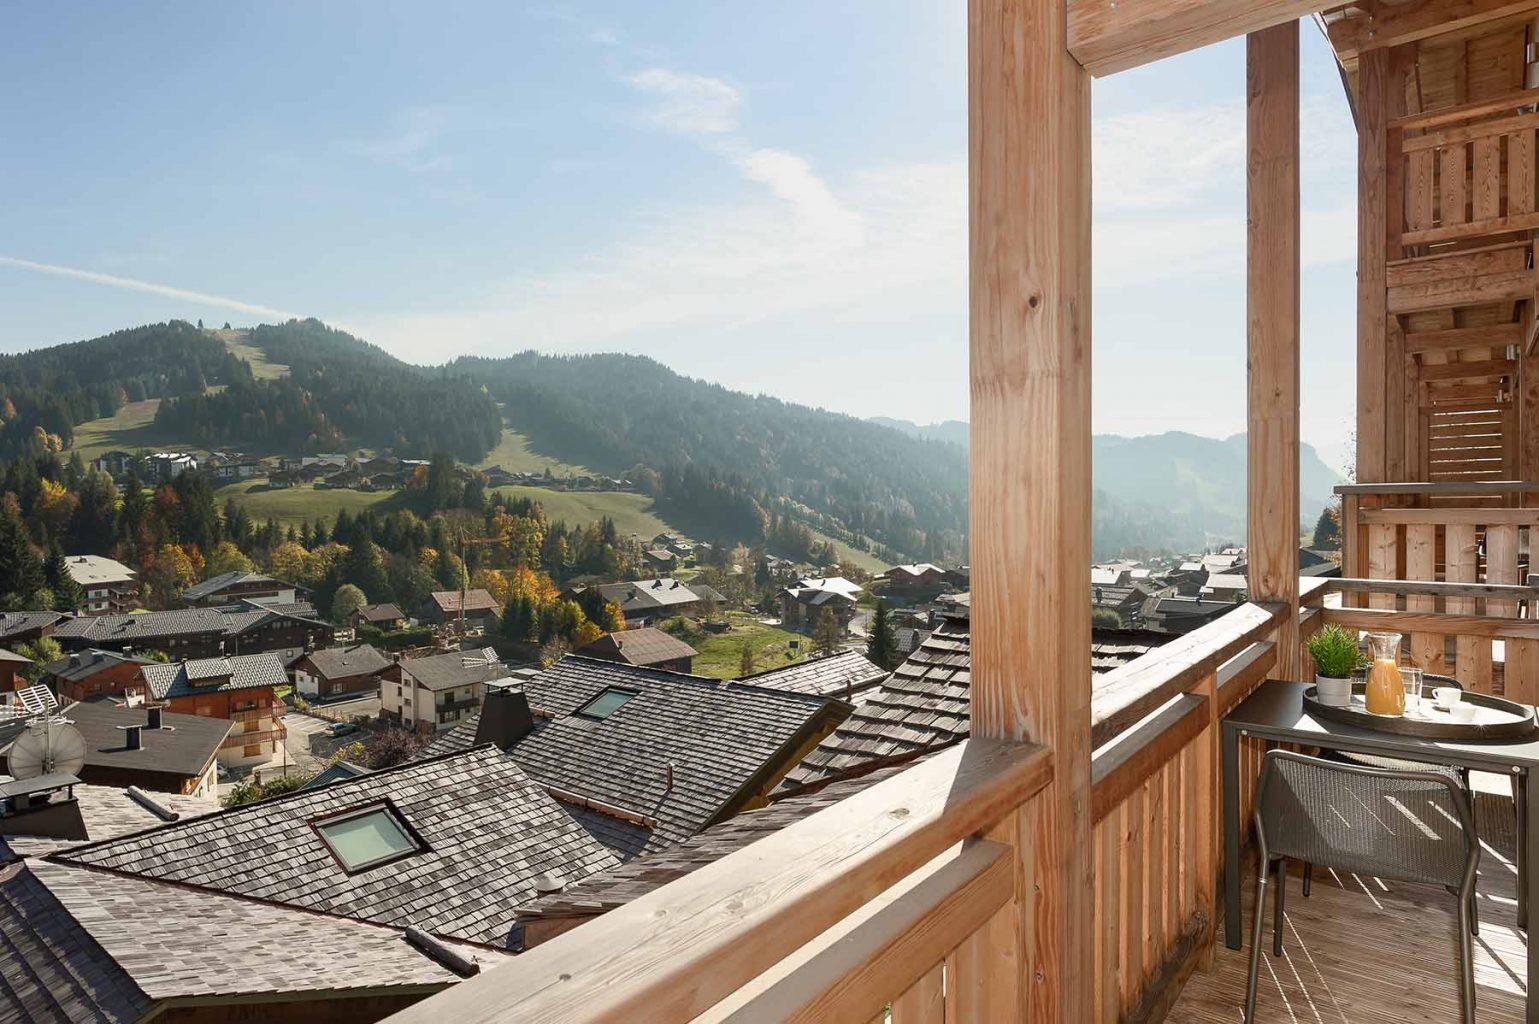 Kili 5A Summer Balcony View